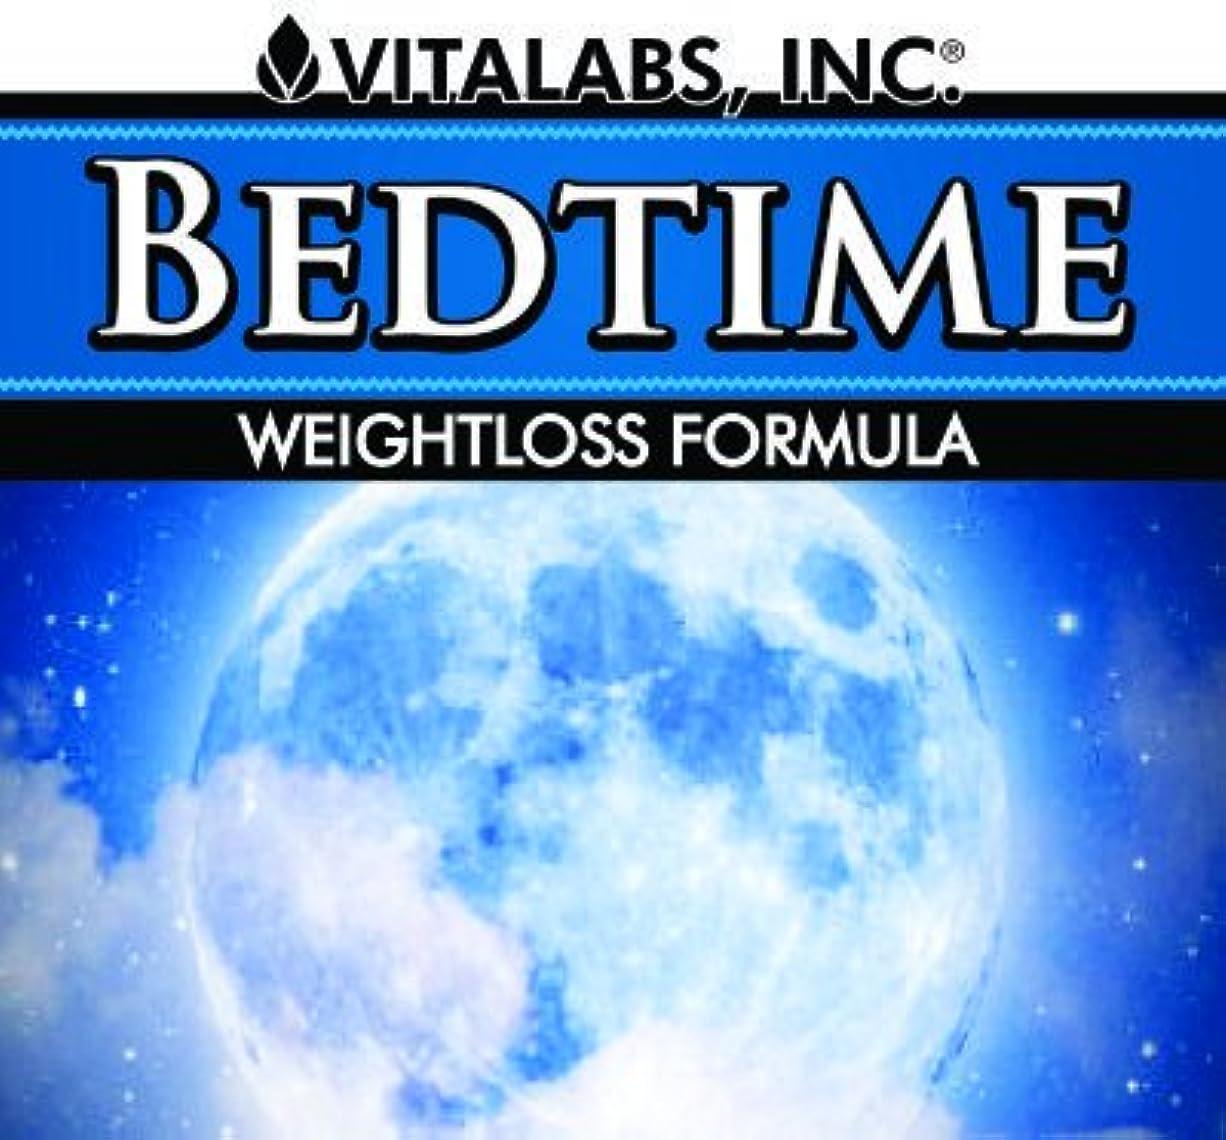 息切れフレットキャビンSaturn Supplements/Vitalabs BedTime Weight Lost ベッドタイムウェイトロス 60カプセル